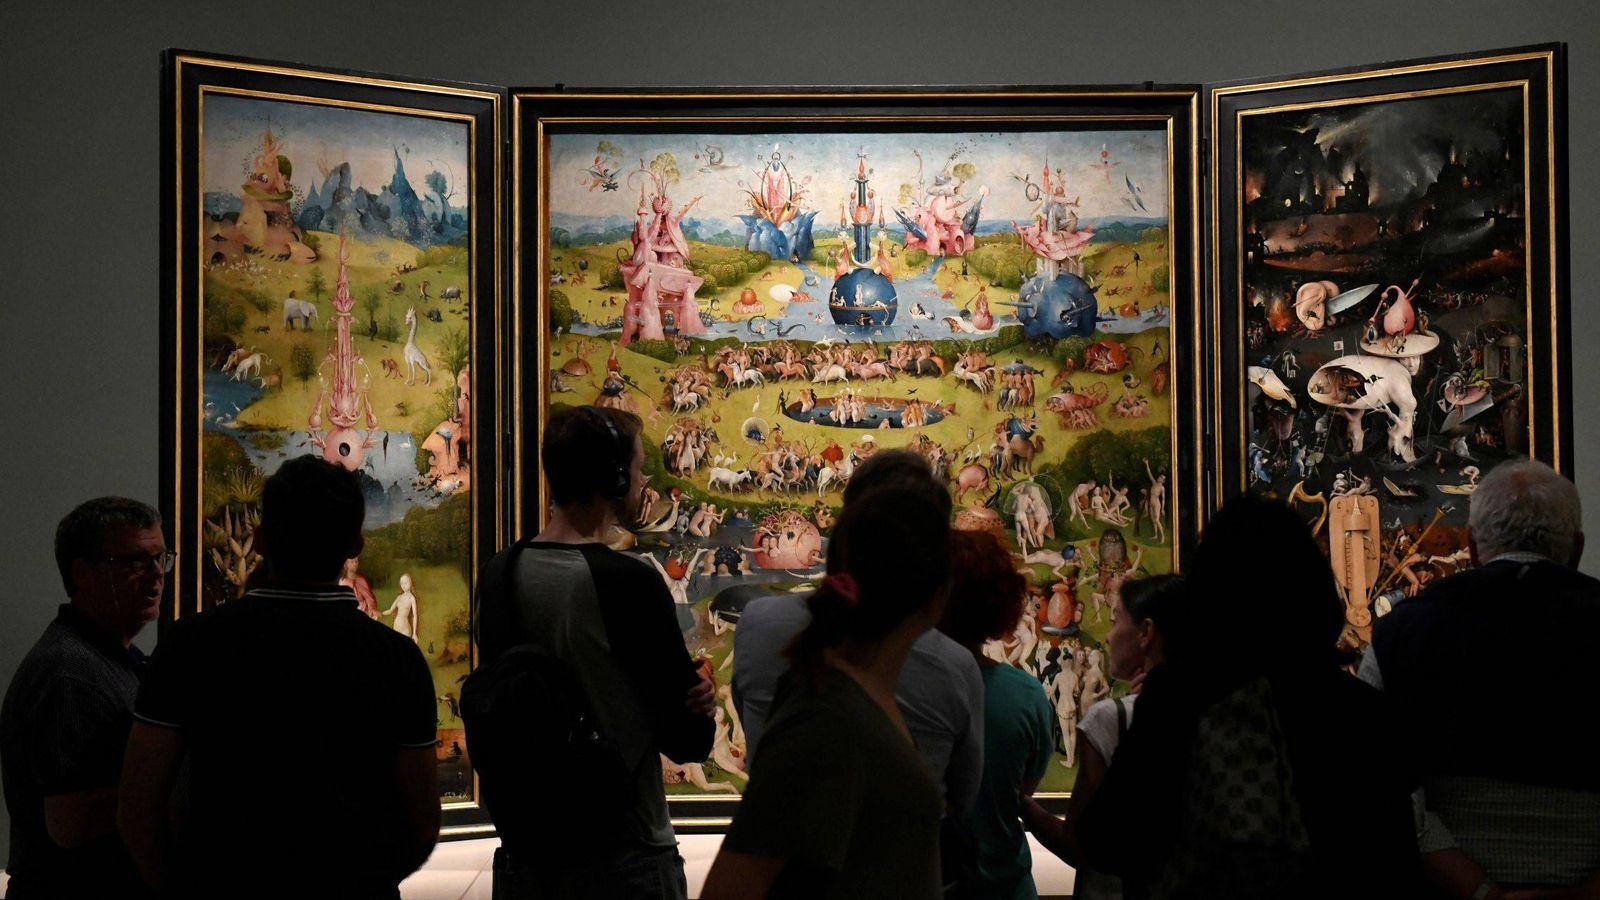 Foto: El jardín de las Delicias, de El Bosco, en el Museo del Prado. (EFE)